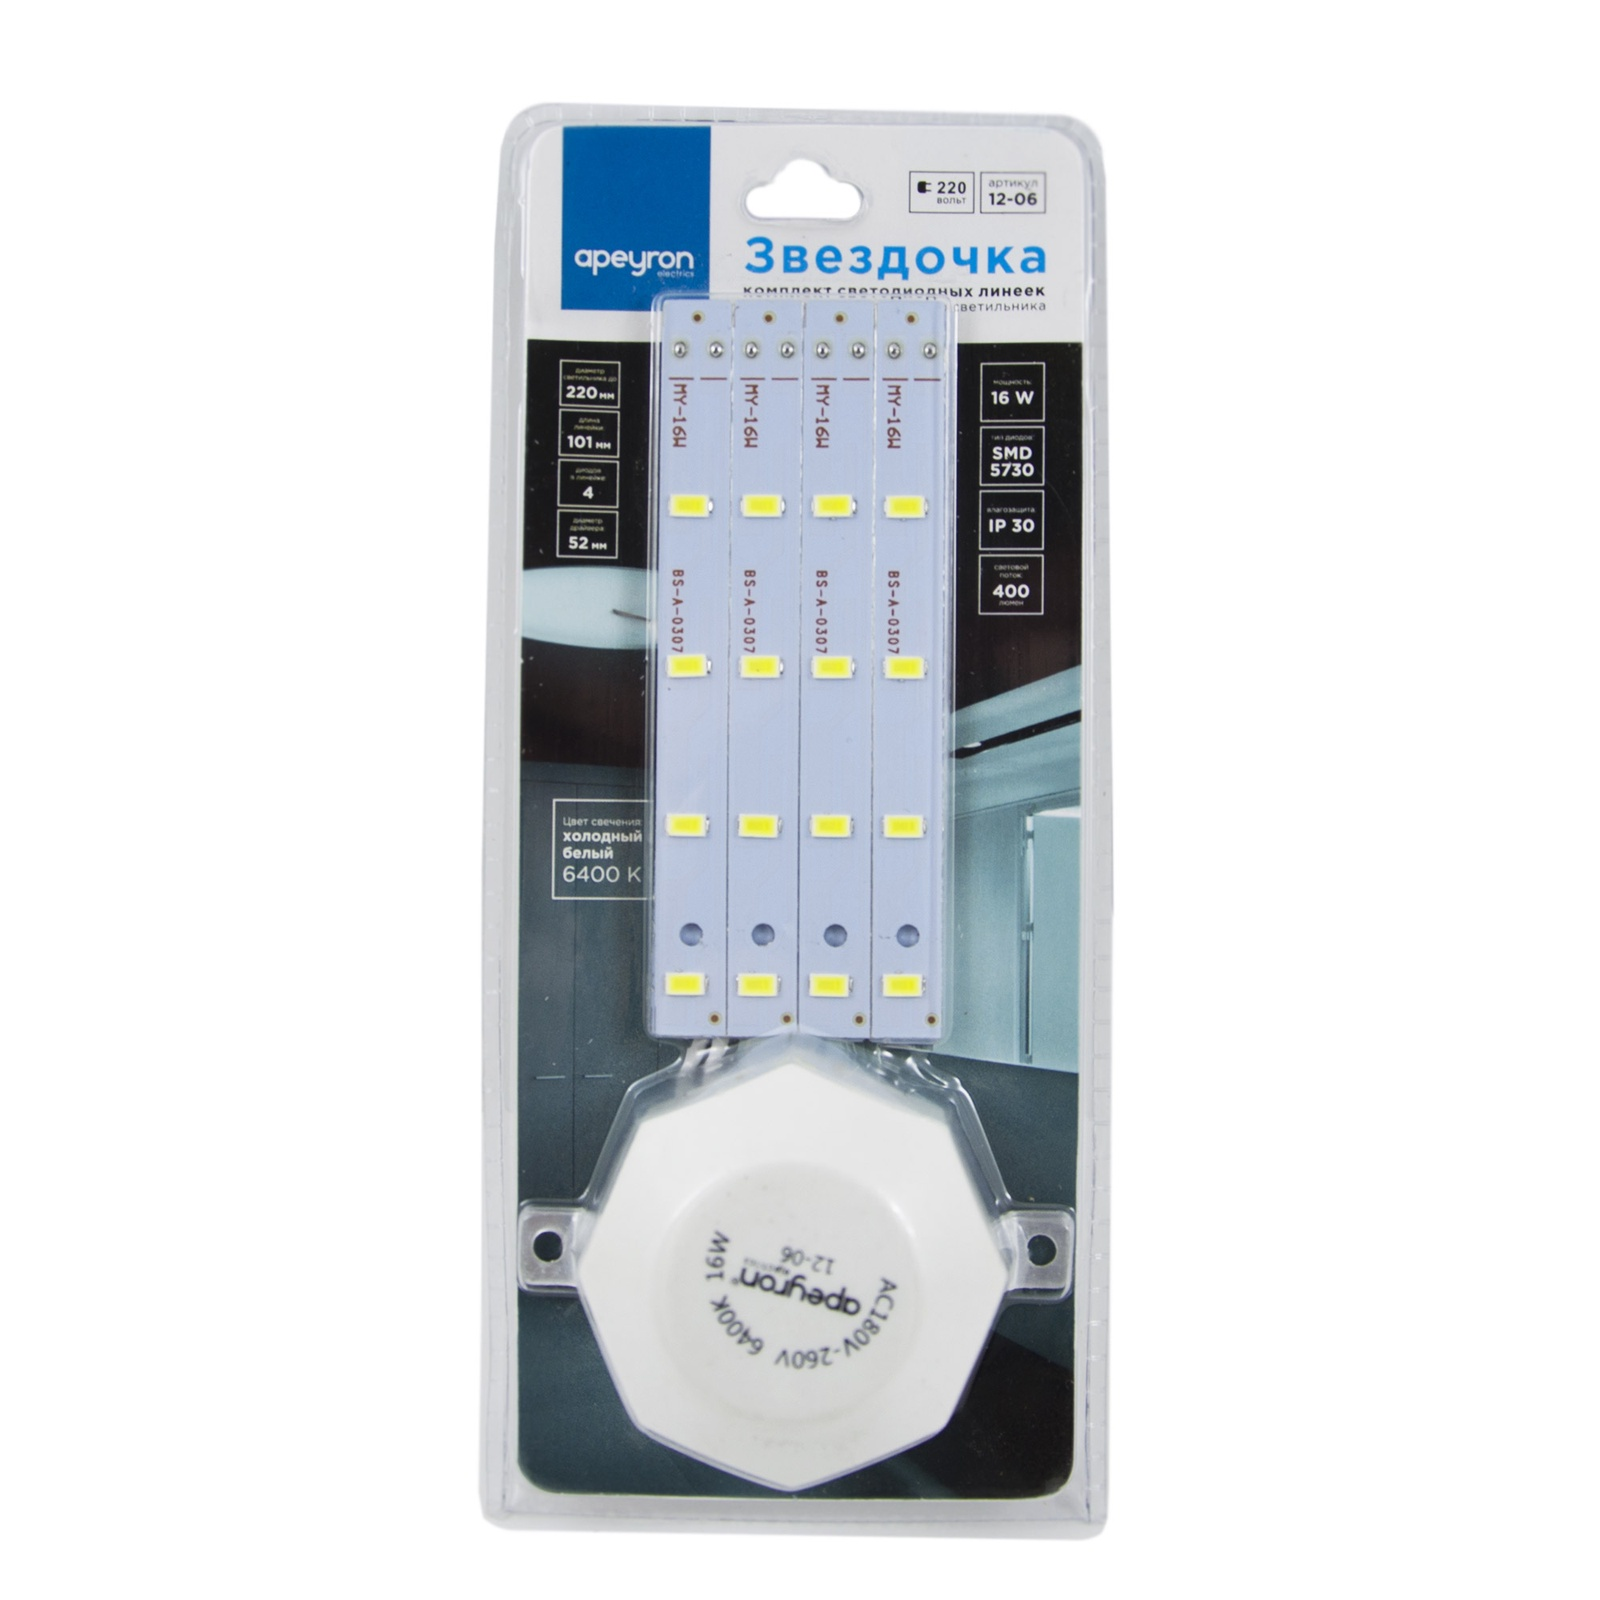 """Светодиодная лампа APEYRON electrics 12-06 Звездочка для н/п свет-ка 220В, 16Вт, 1200Лм, 6400К12-06Светодиодная лампа """"Звездочка"""" - готовое решение для замены любых лампочек на светодиодный источник света в настенно-потолочных светильниках. Лампы дают яркое пятно засвета, в то время как остальная часть светильника остается темной. Звездочка полностью решает проблему затемнений и гарантирует равномерный засвет по всей поверхности рассеивателя. Во всех настенно-потолочных светильниках цоколь под лампу крепится на шурупах и легко может быть демонтирован. Крепится к металлическому основанию светильника на магнитах."""